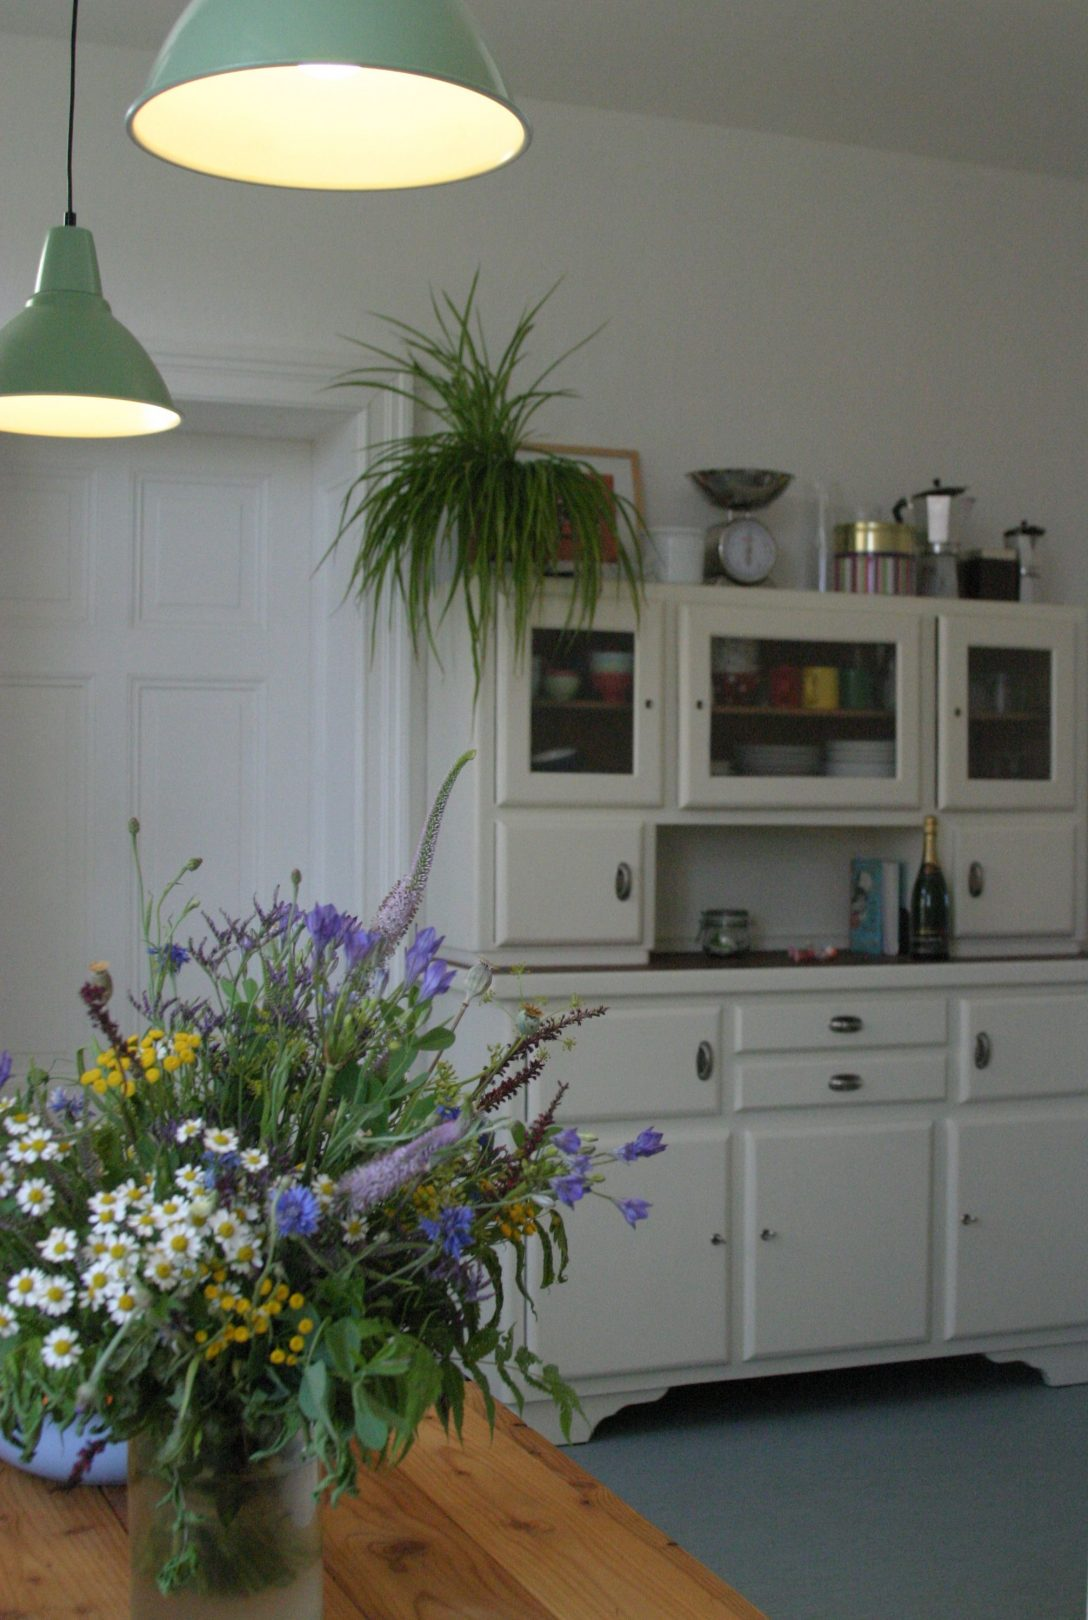 Large Size of Küchenanrichte Alte Kchenanrichte Aus Den 30ern Erstrahlt Wohnzimmer Küchenanrichte